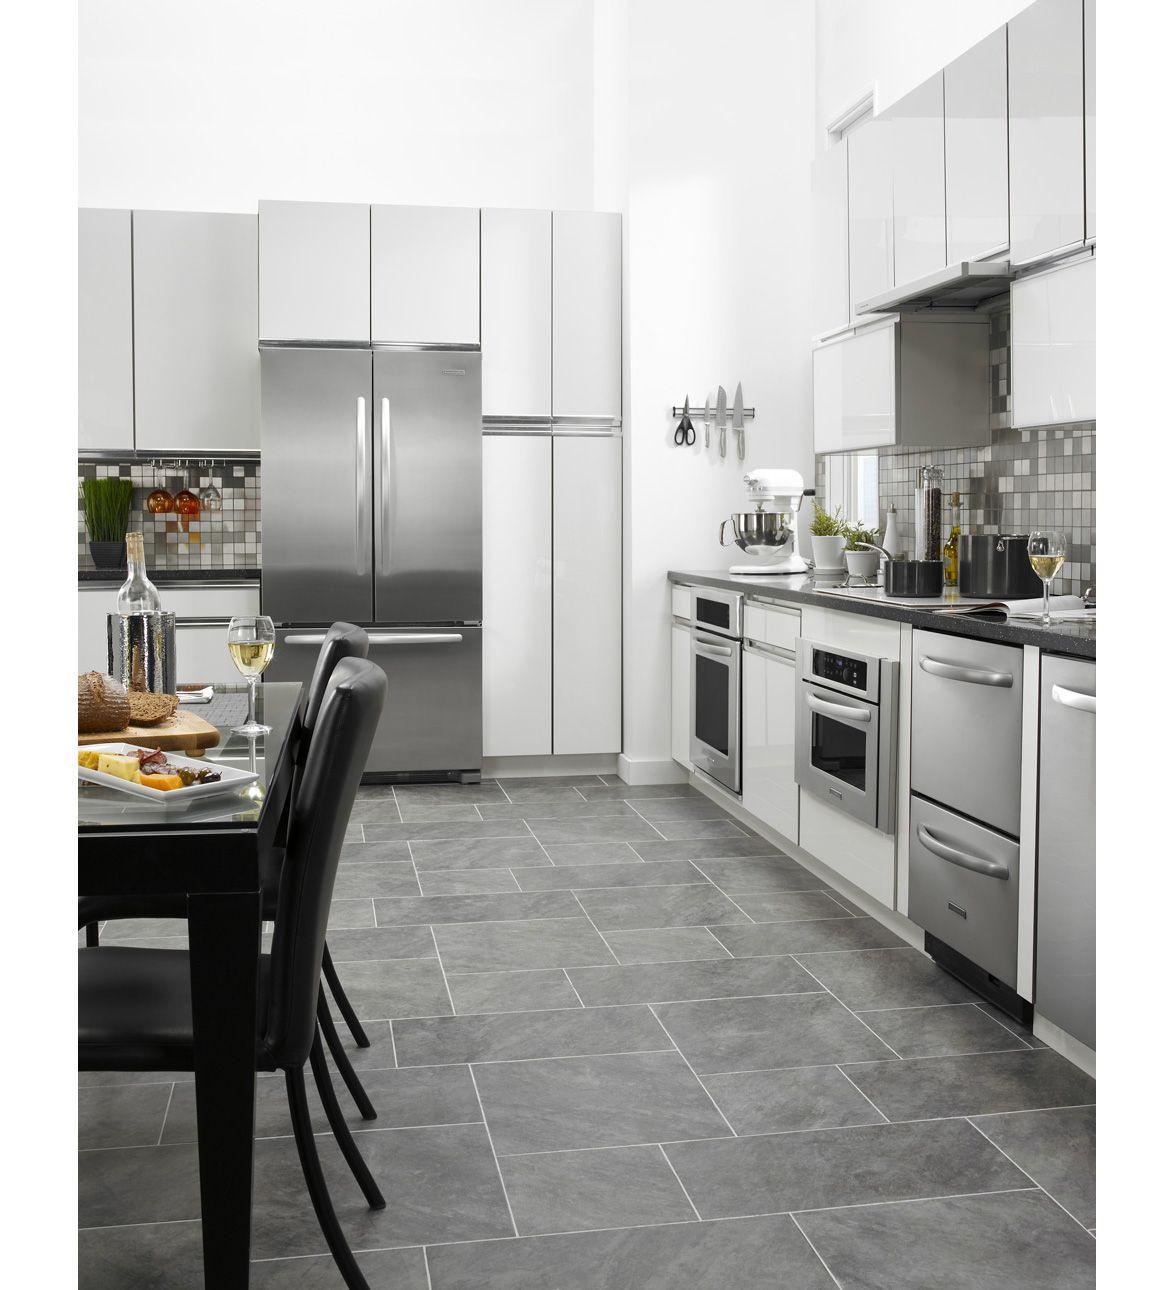 22 cu ft counterdepth french door refrigerator